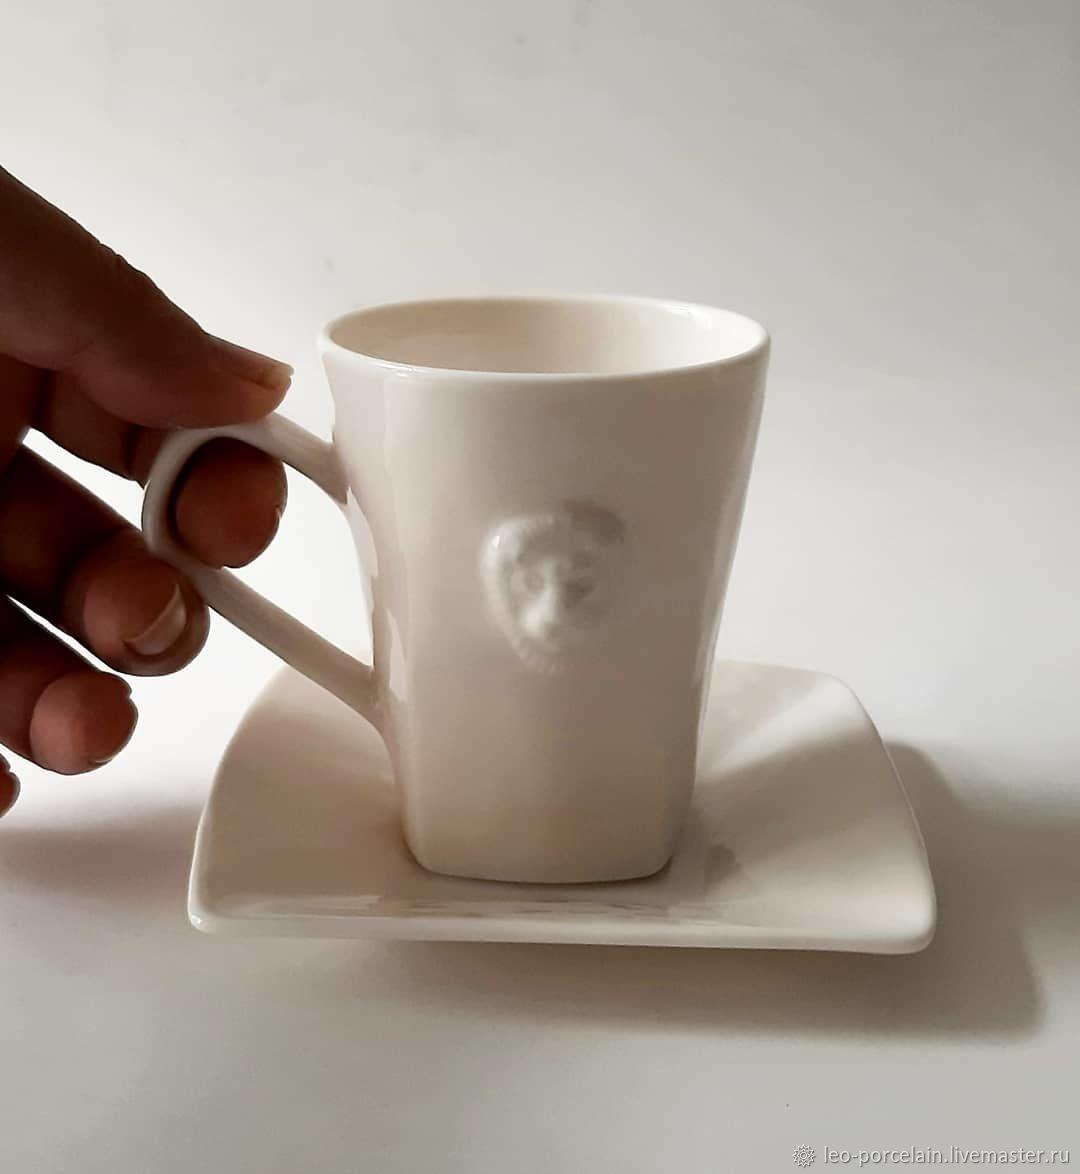 Кружки и чашки ручной работы. Ярмарка Мастеров - ручная работа. Купить Чашки: Кофейные чашки с блюдцами. Handmade. Фарфор